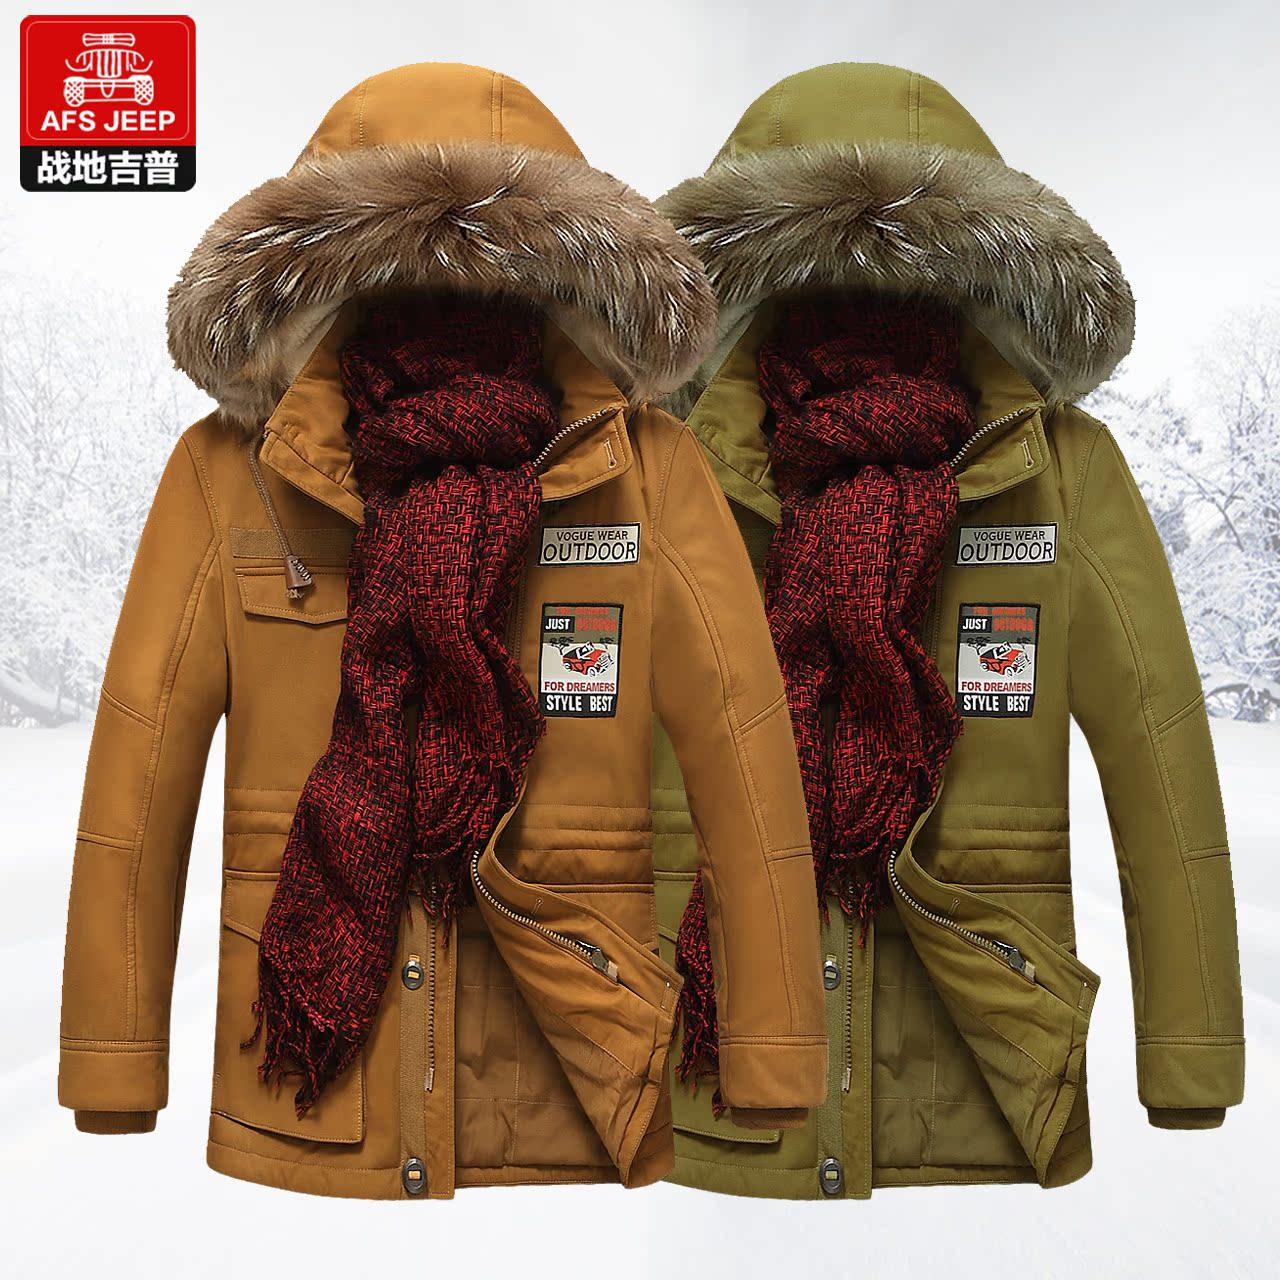 Купить Куртку Джип В Москве